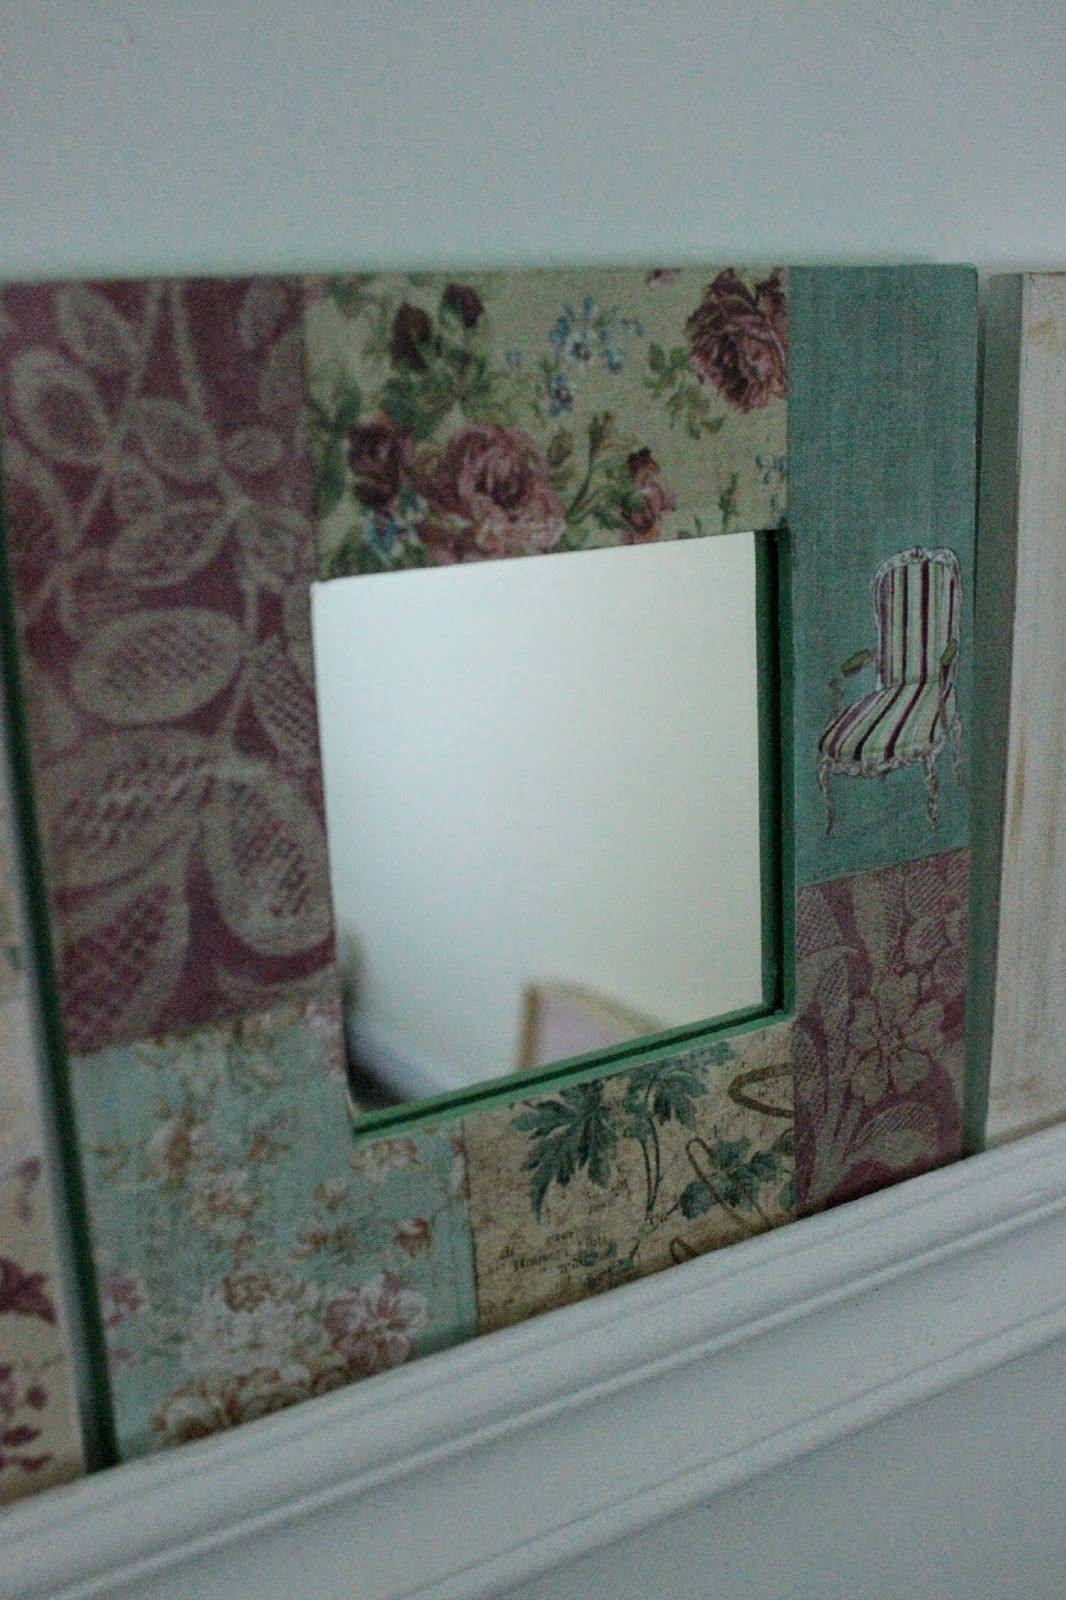 Espejitos cuadrados decorados. Medidas: marco 16 x 16 cm, espejito 8 ...